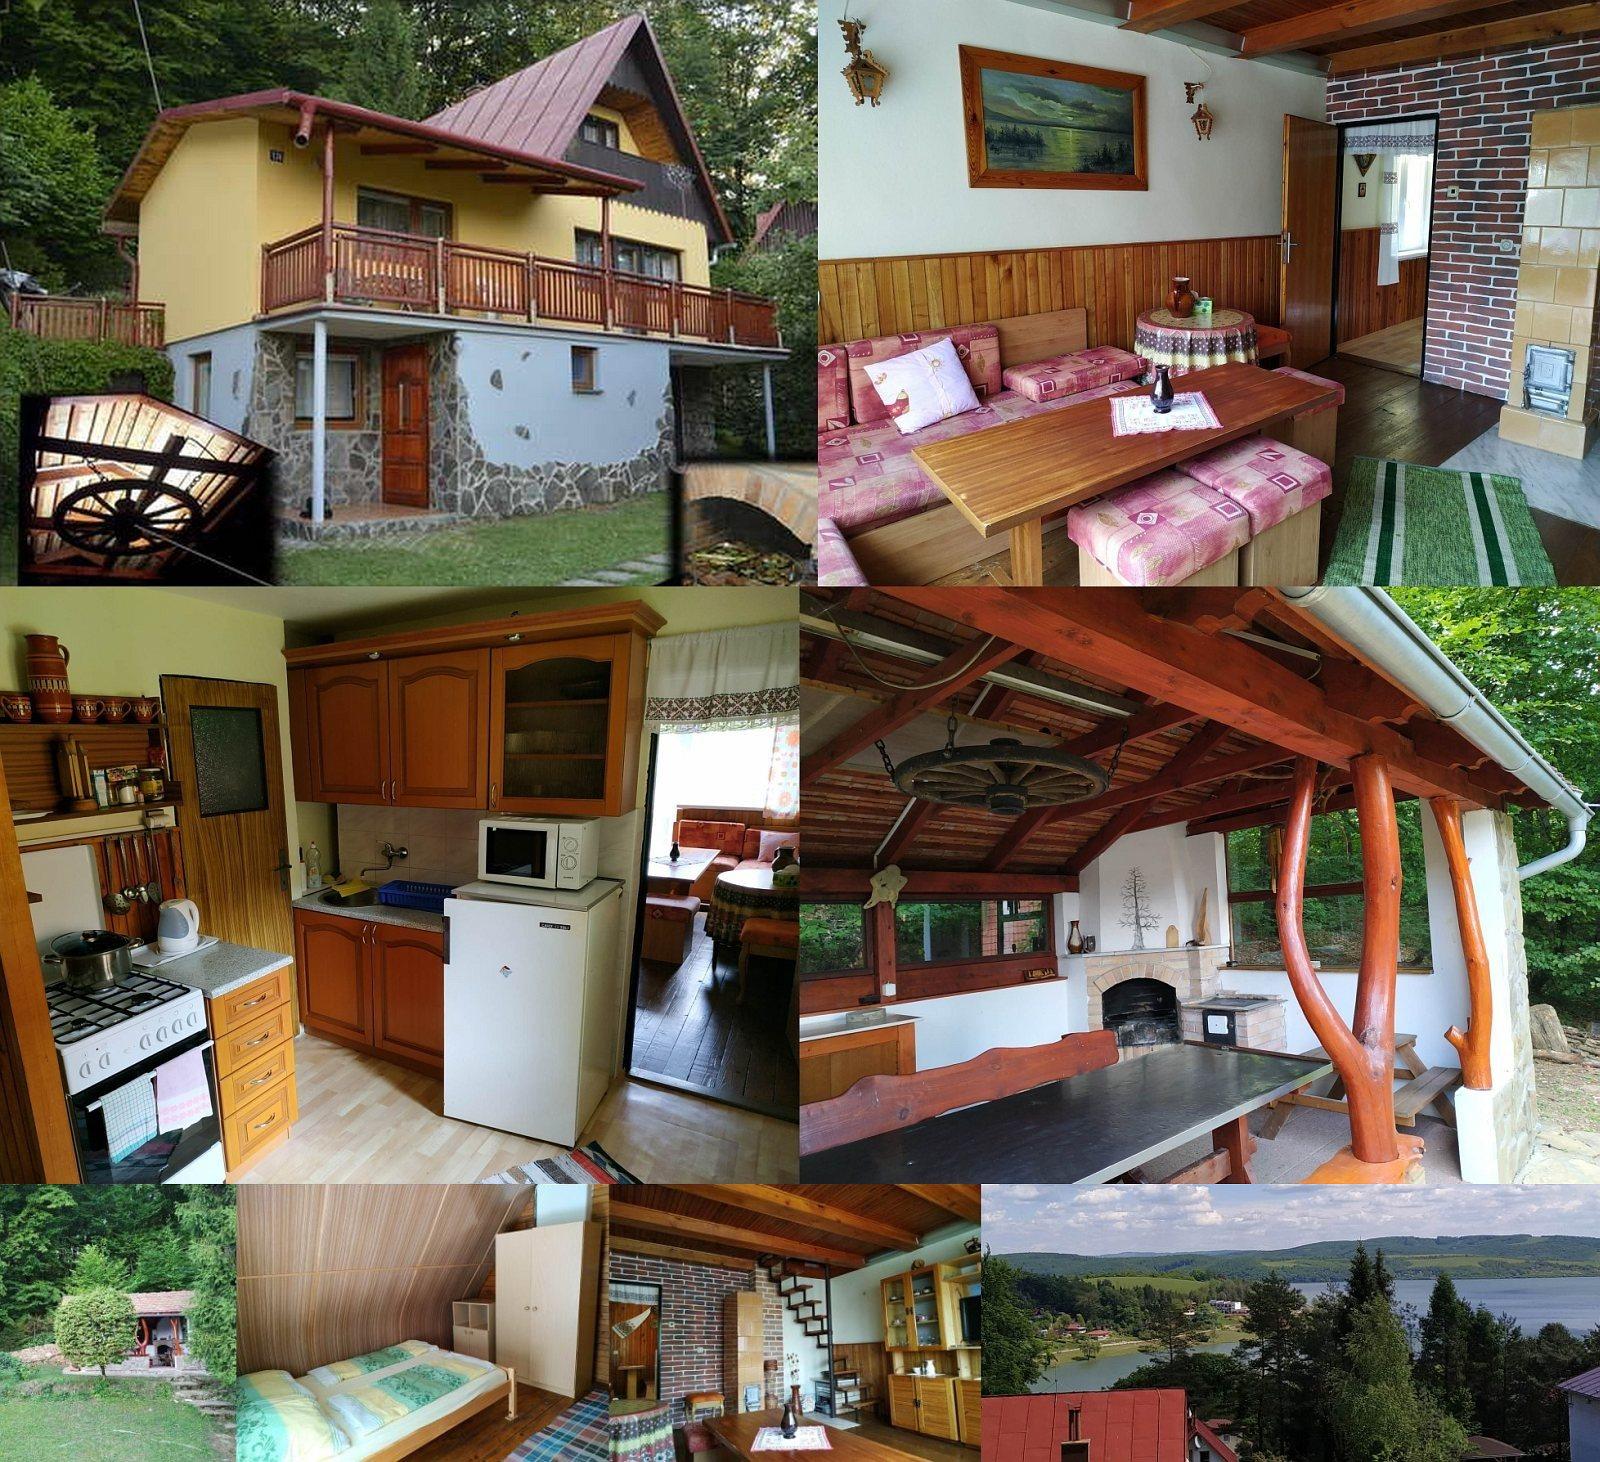 c67b69fac Lacné ubytovanie na Domaši | LacnéUbytovanie.net